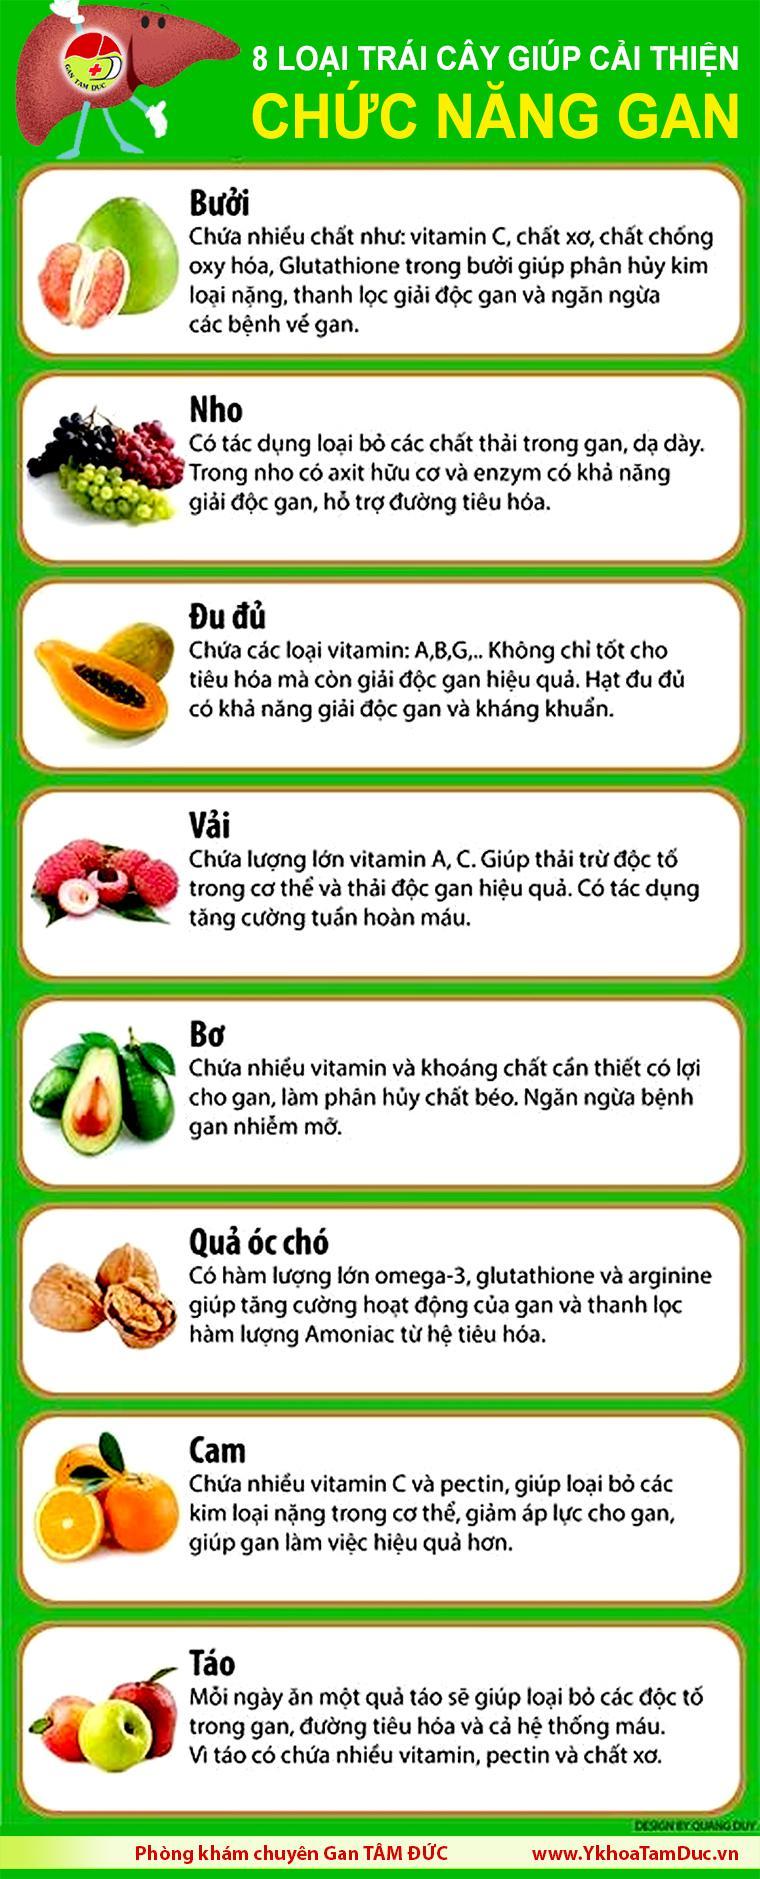 infographic dinh duong viem gan b viem gan sieu vi b [Infographic] 8 loại trái cây tuyệt vời giúp cải thiện chức năng gan infographic dinh duong viem gan b viem gan sieu vi b